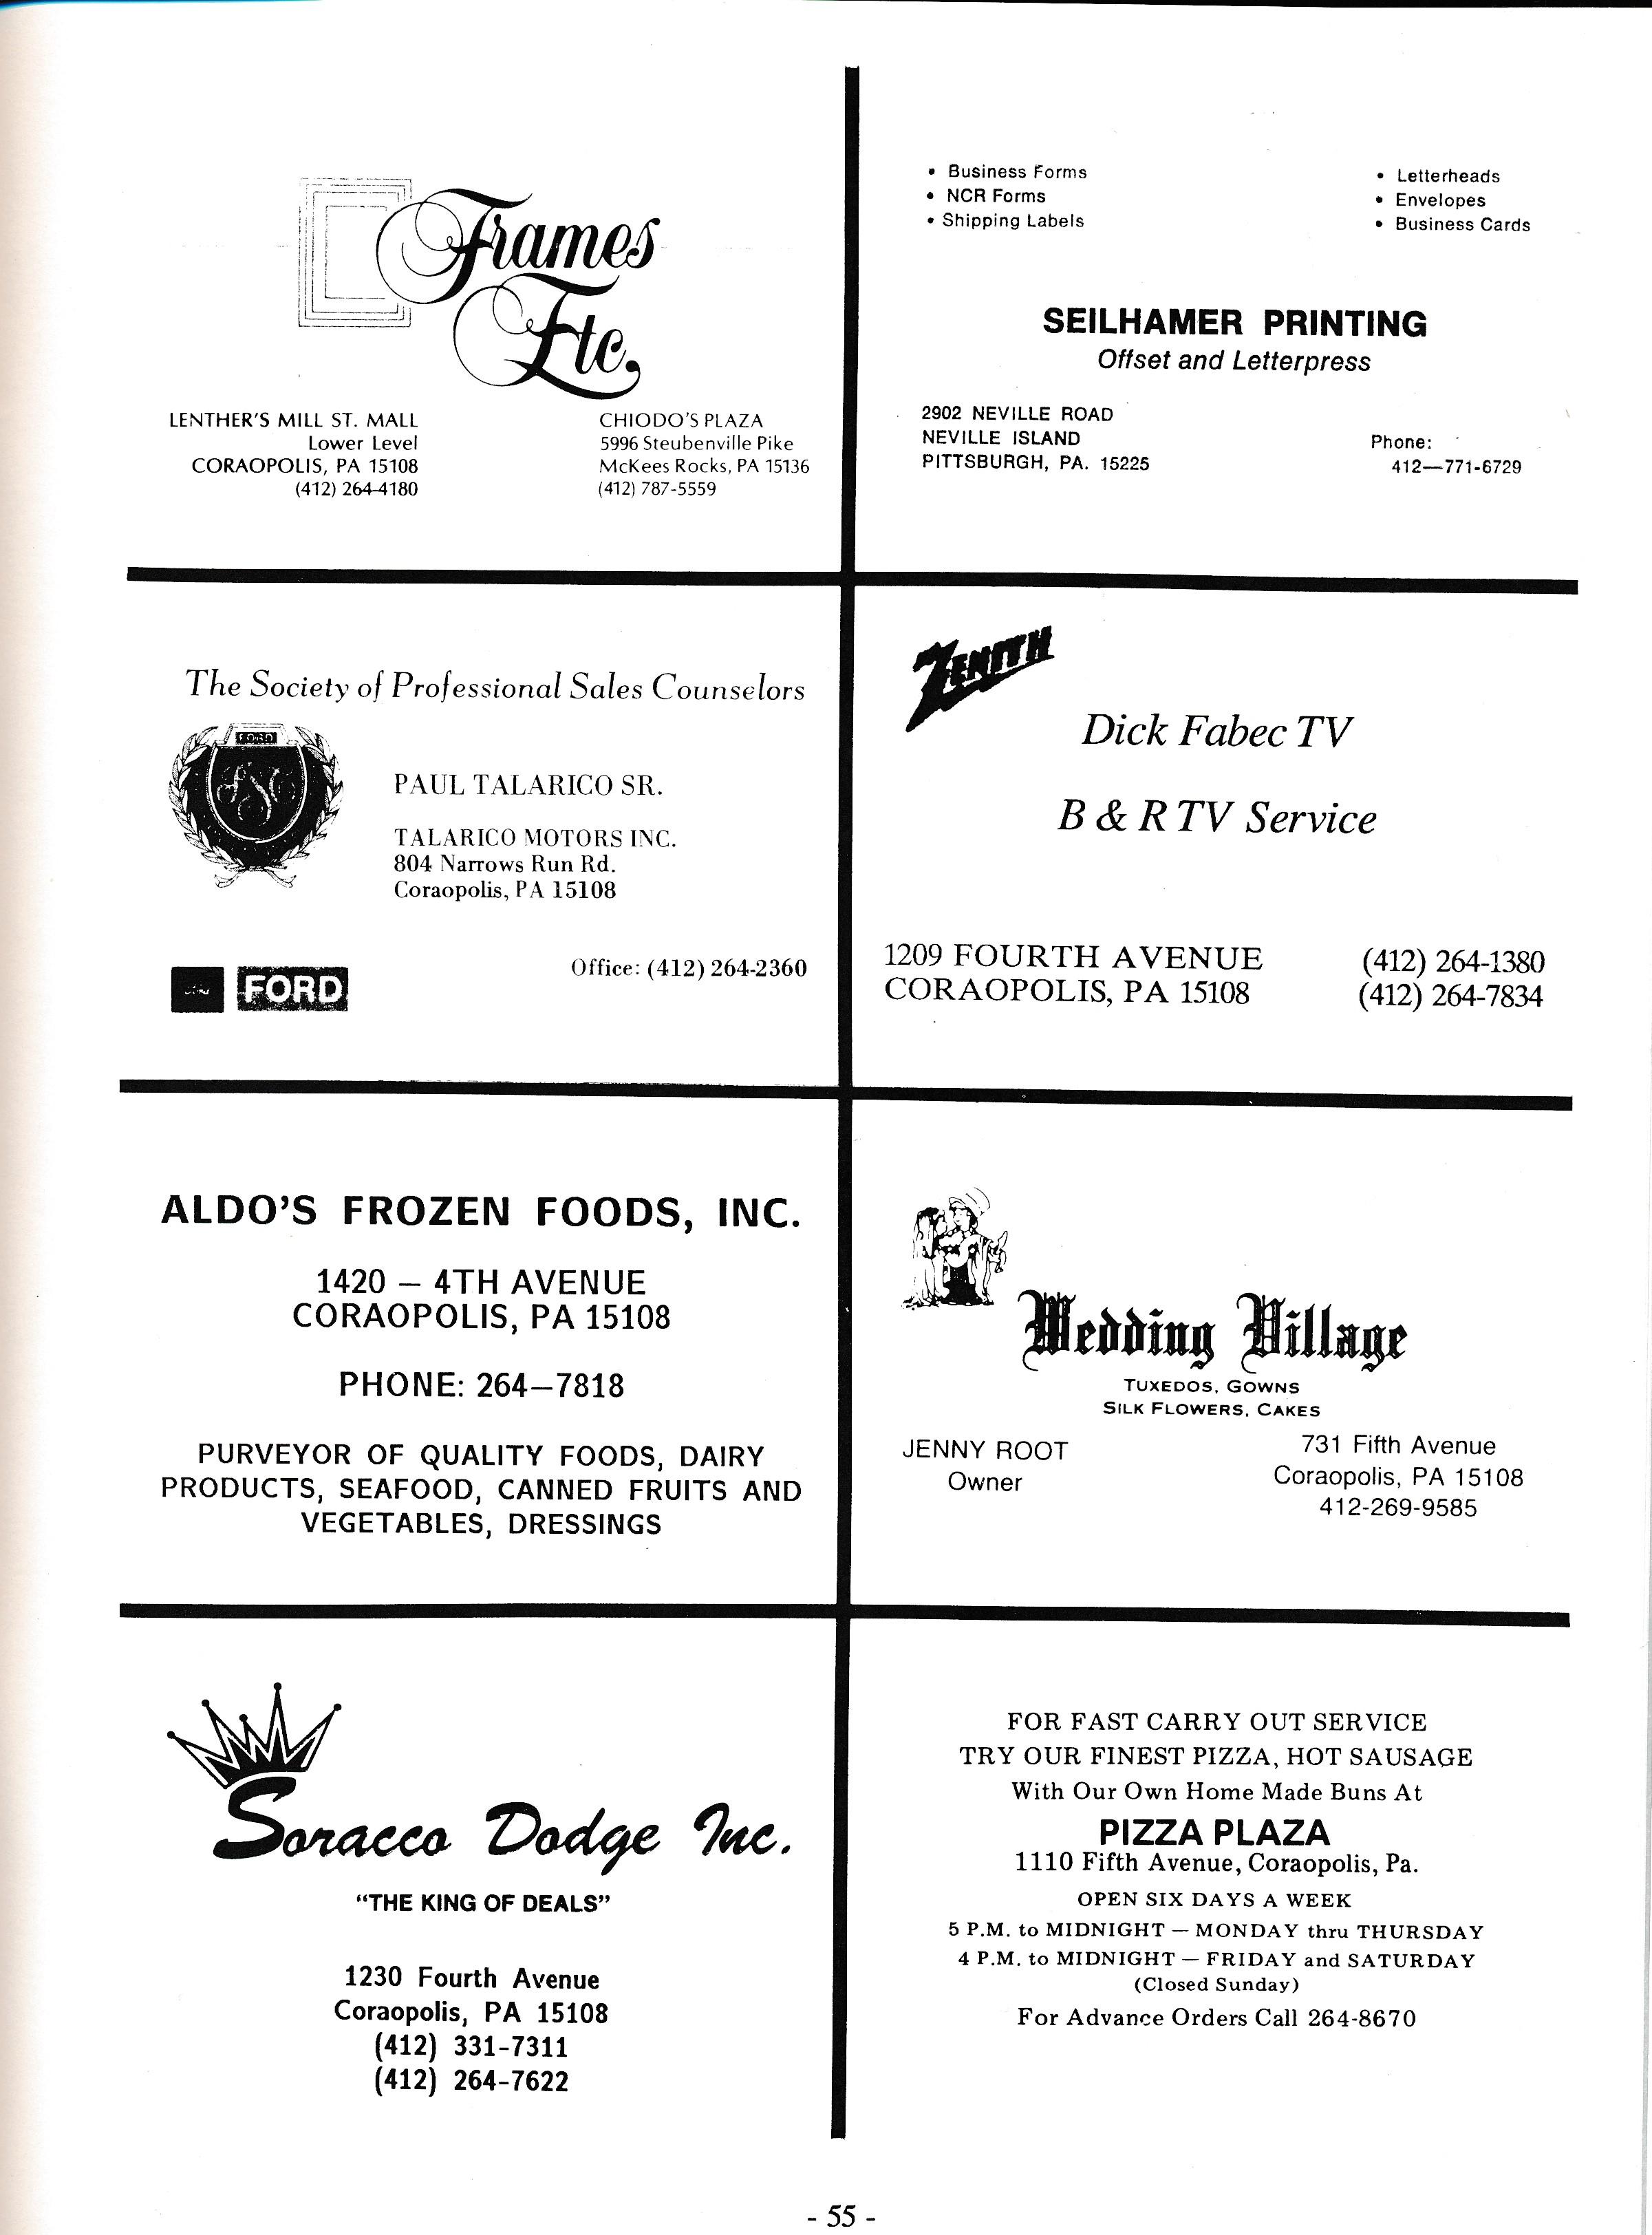 Coraopolis Centennial Booklet (53).jpg